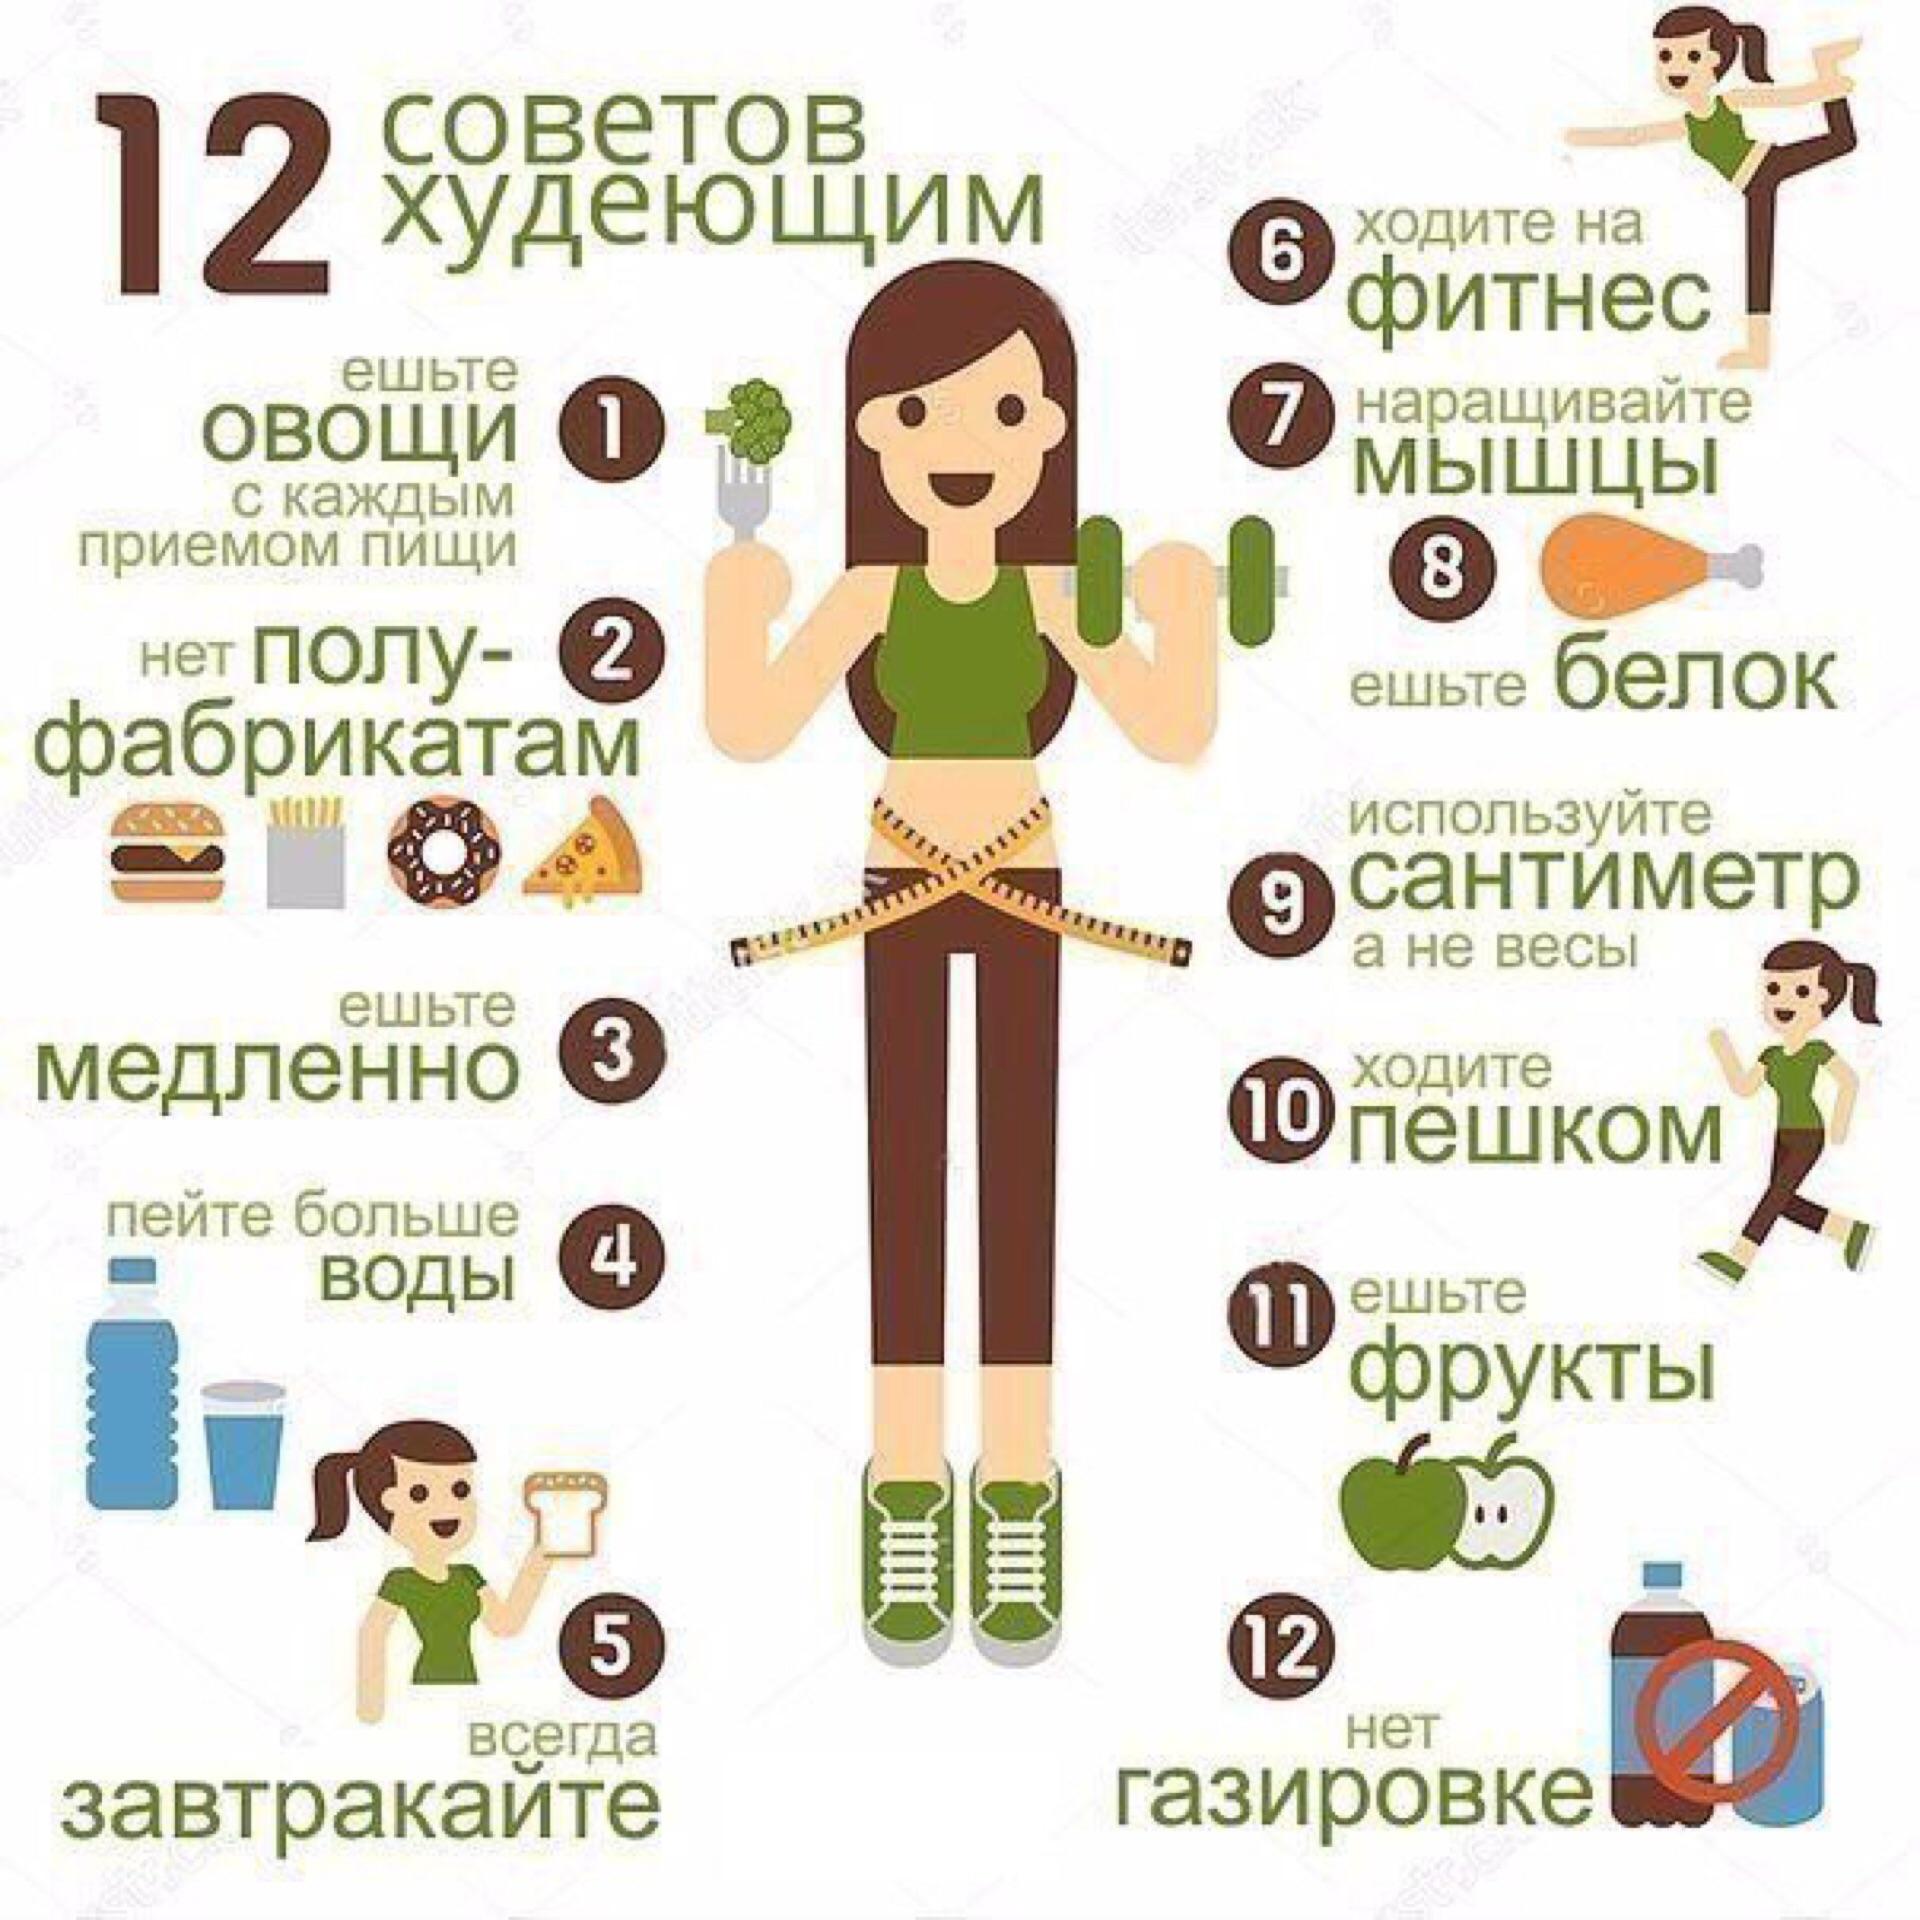 Продукты Чтобы Сбросить Вес. 40 продуктов, которые запустят и ускорят процесс похудения